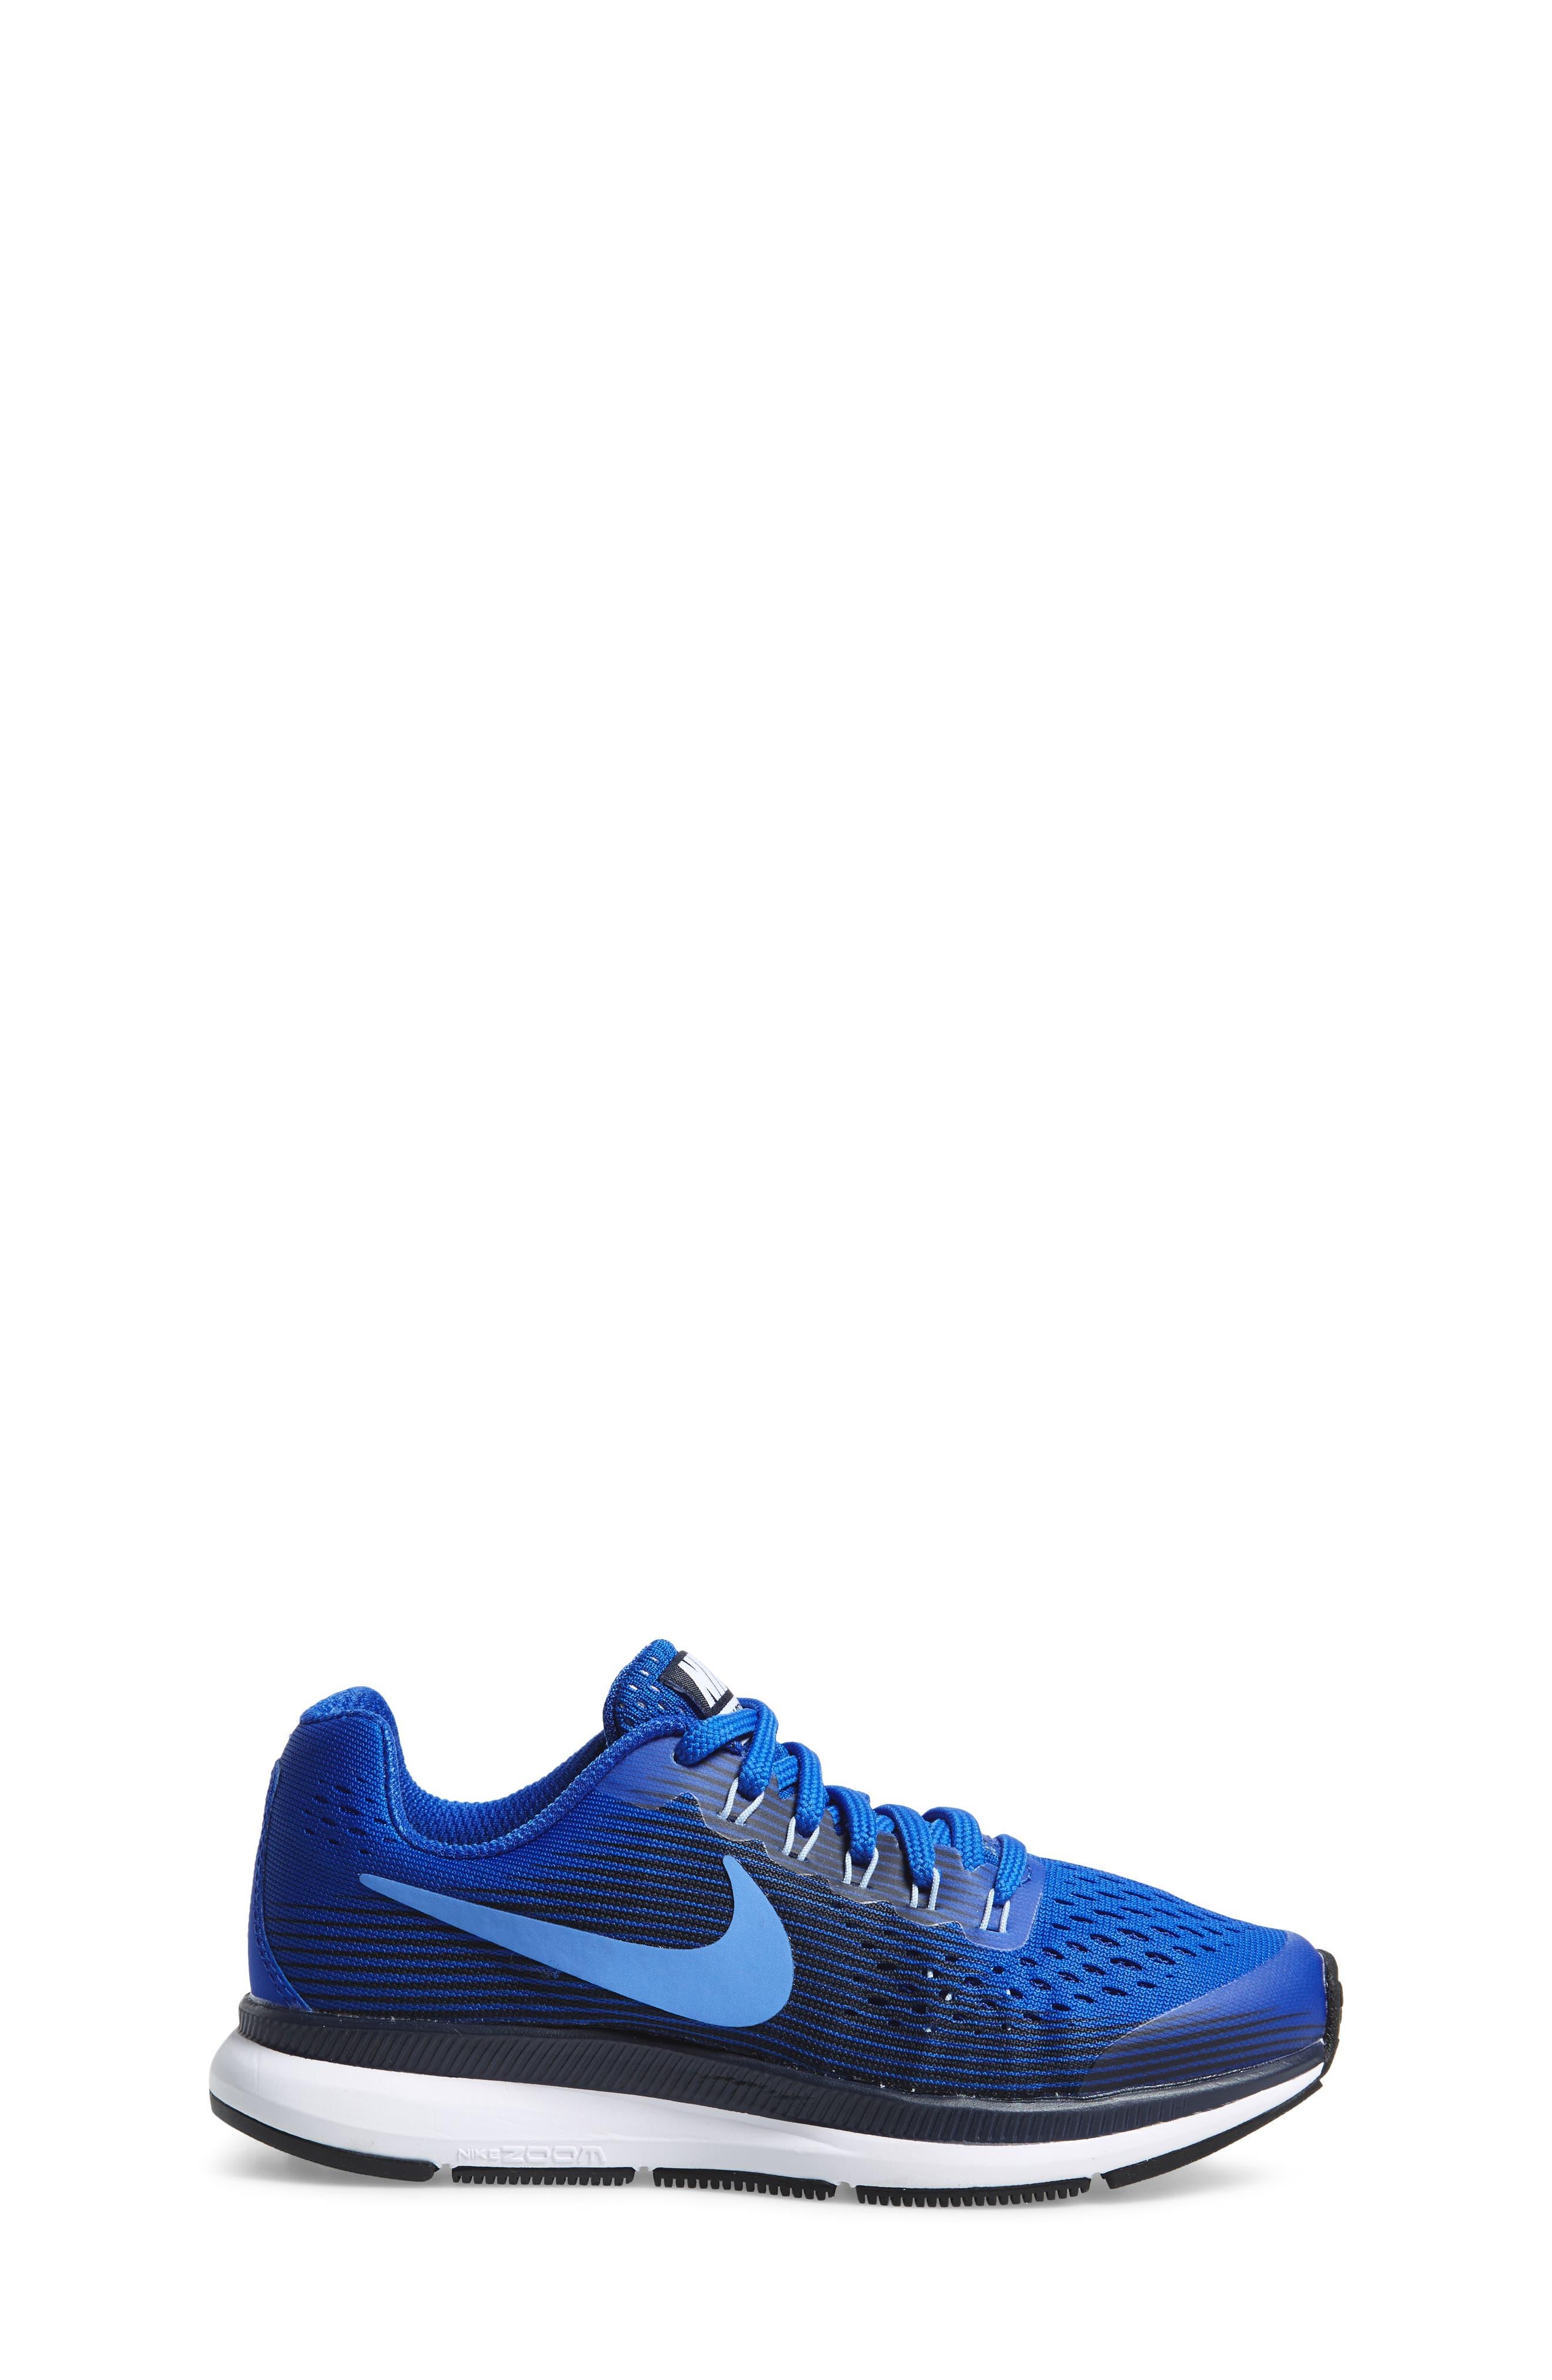 Zoom Pegasus 34 Sneaker,                             Alternate thumbnail 3, color,                             405